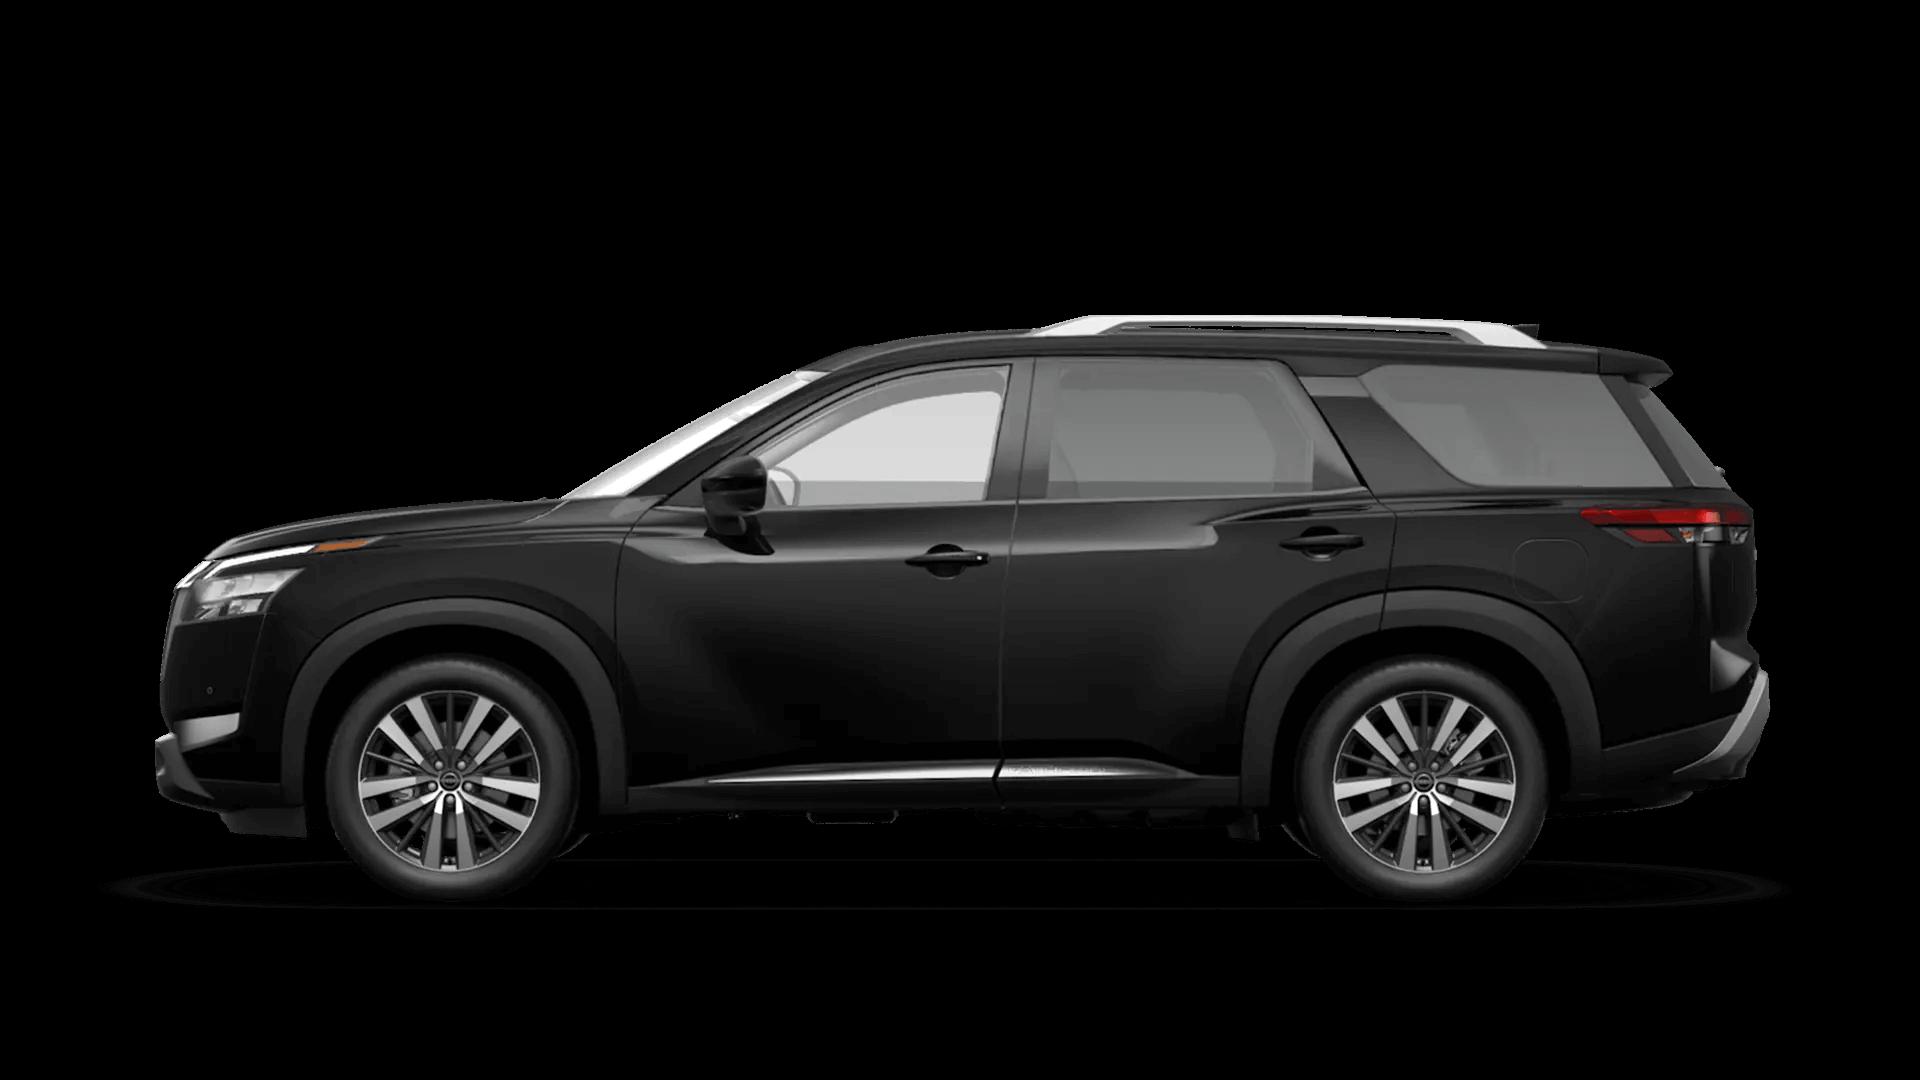 2022 Pathfinder® Platinum 2WD in Super Black